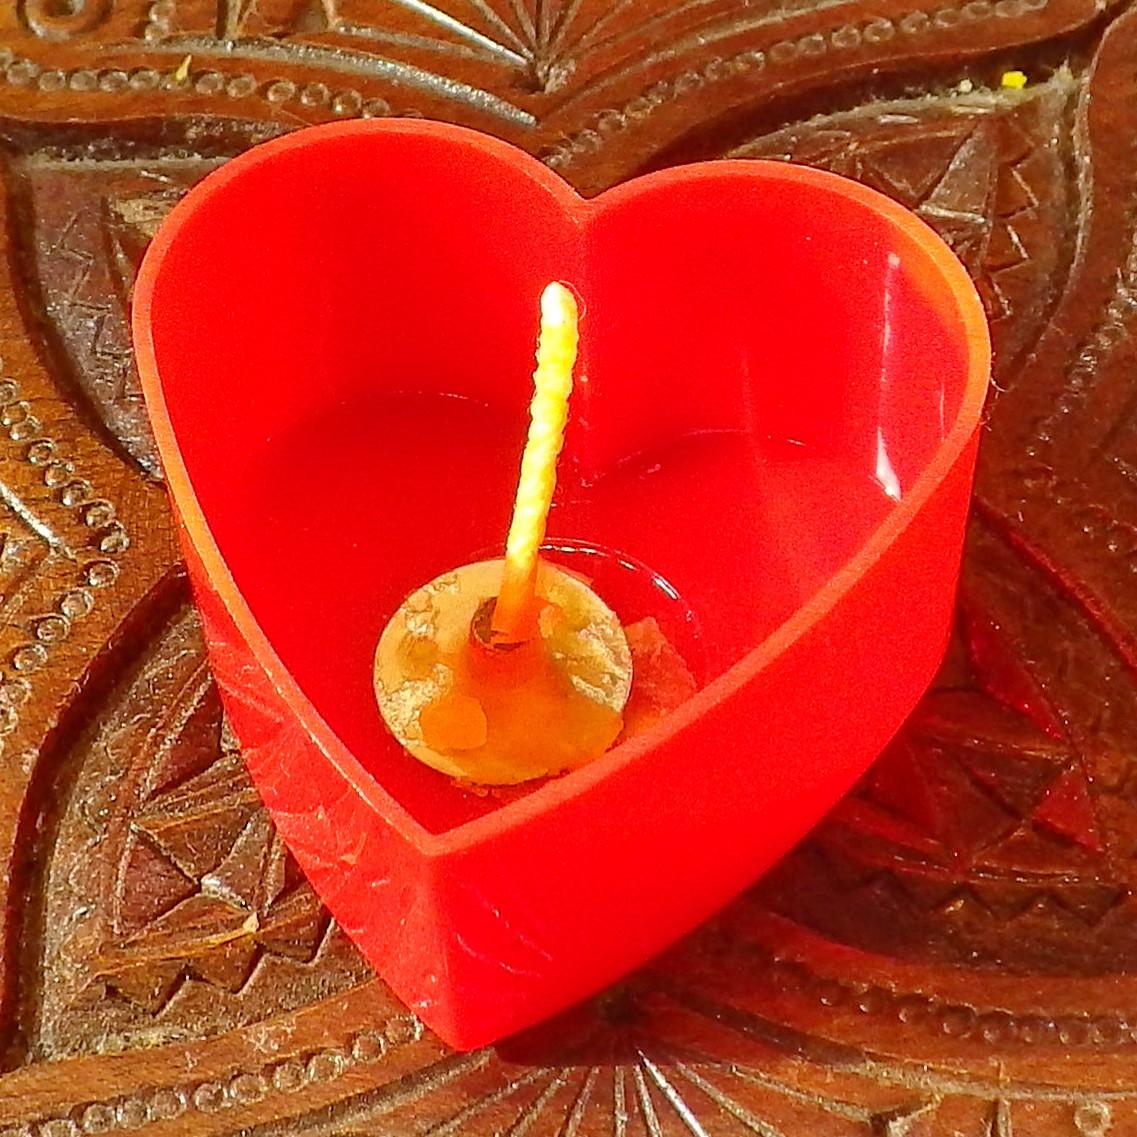 Набор для изготовления чайной свечи Валентинка (красный контейнер чайной свечи, фиксатор фитиля, фитиль)